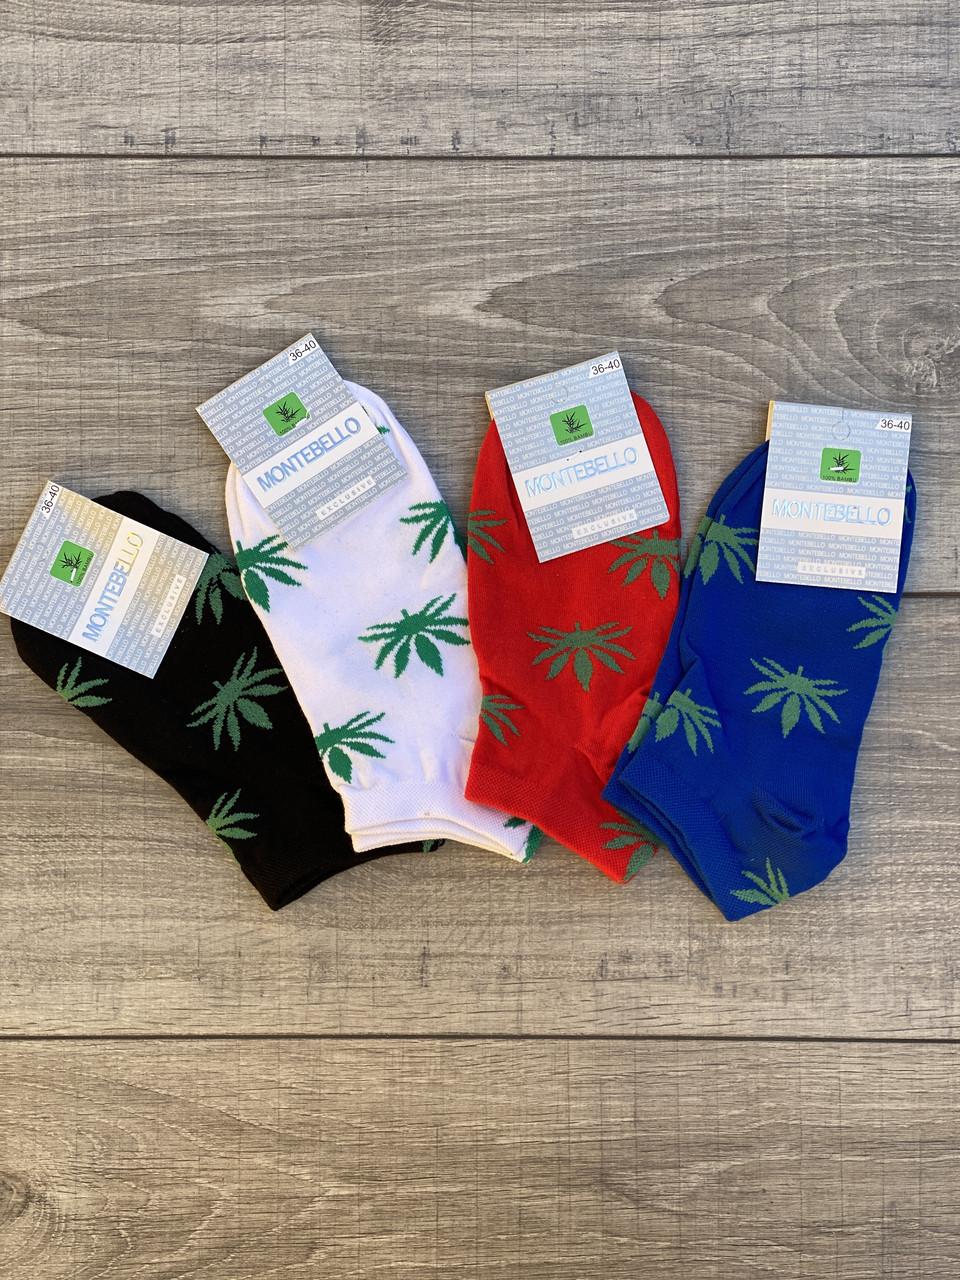 Жіночі патіки носки шкарпетки бавовна Montebello конопля ганжа  маріхуанна Пінк 35-40 12 шт в уп мікс